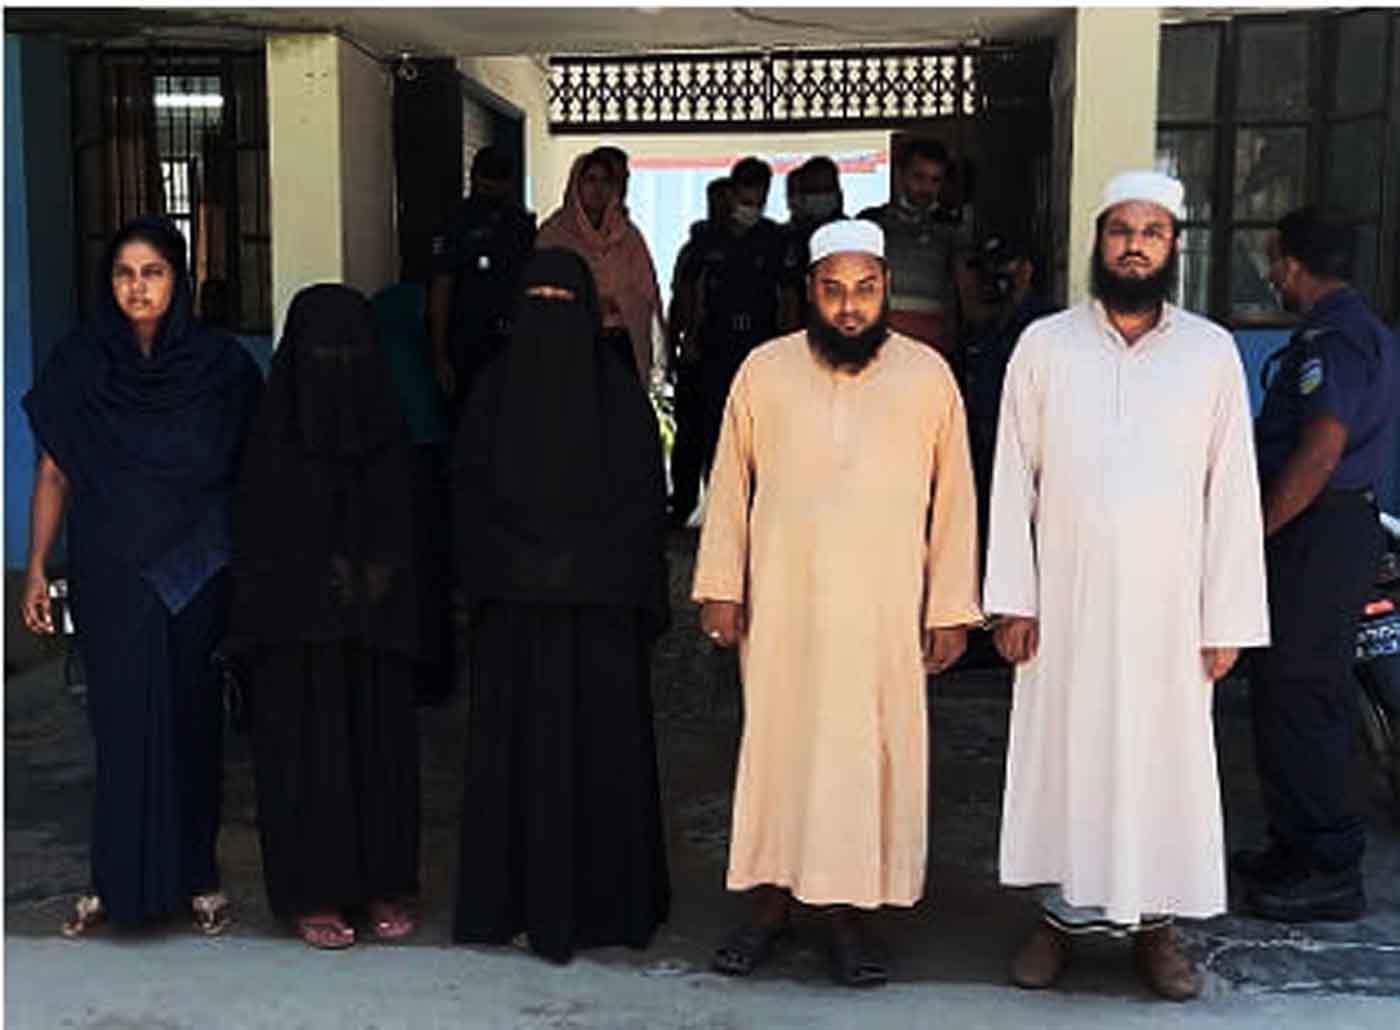 ইসলামপুরে মাদরাসা ছাত্রী নিখোঁজের ঘটনায় ৪ শিক্ষকের বিরুদ্ধে মামলা জেল হাজতে প্রেরণ